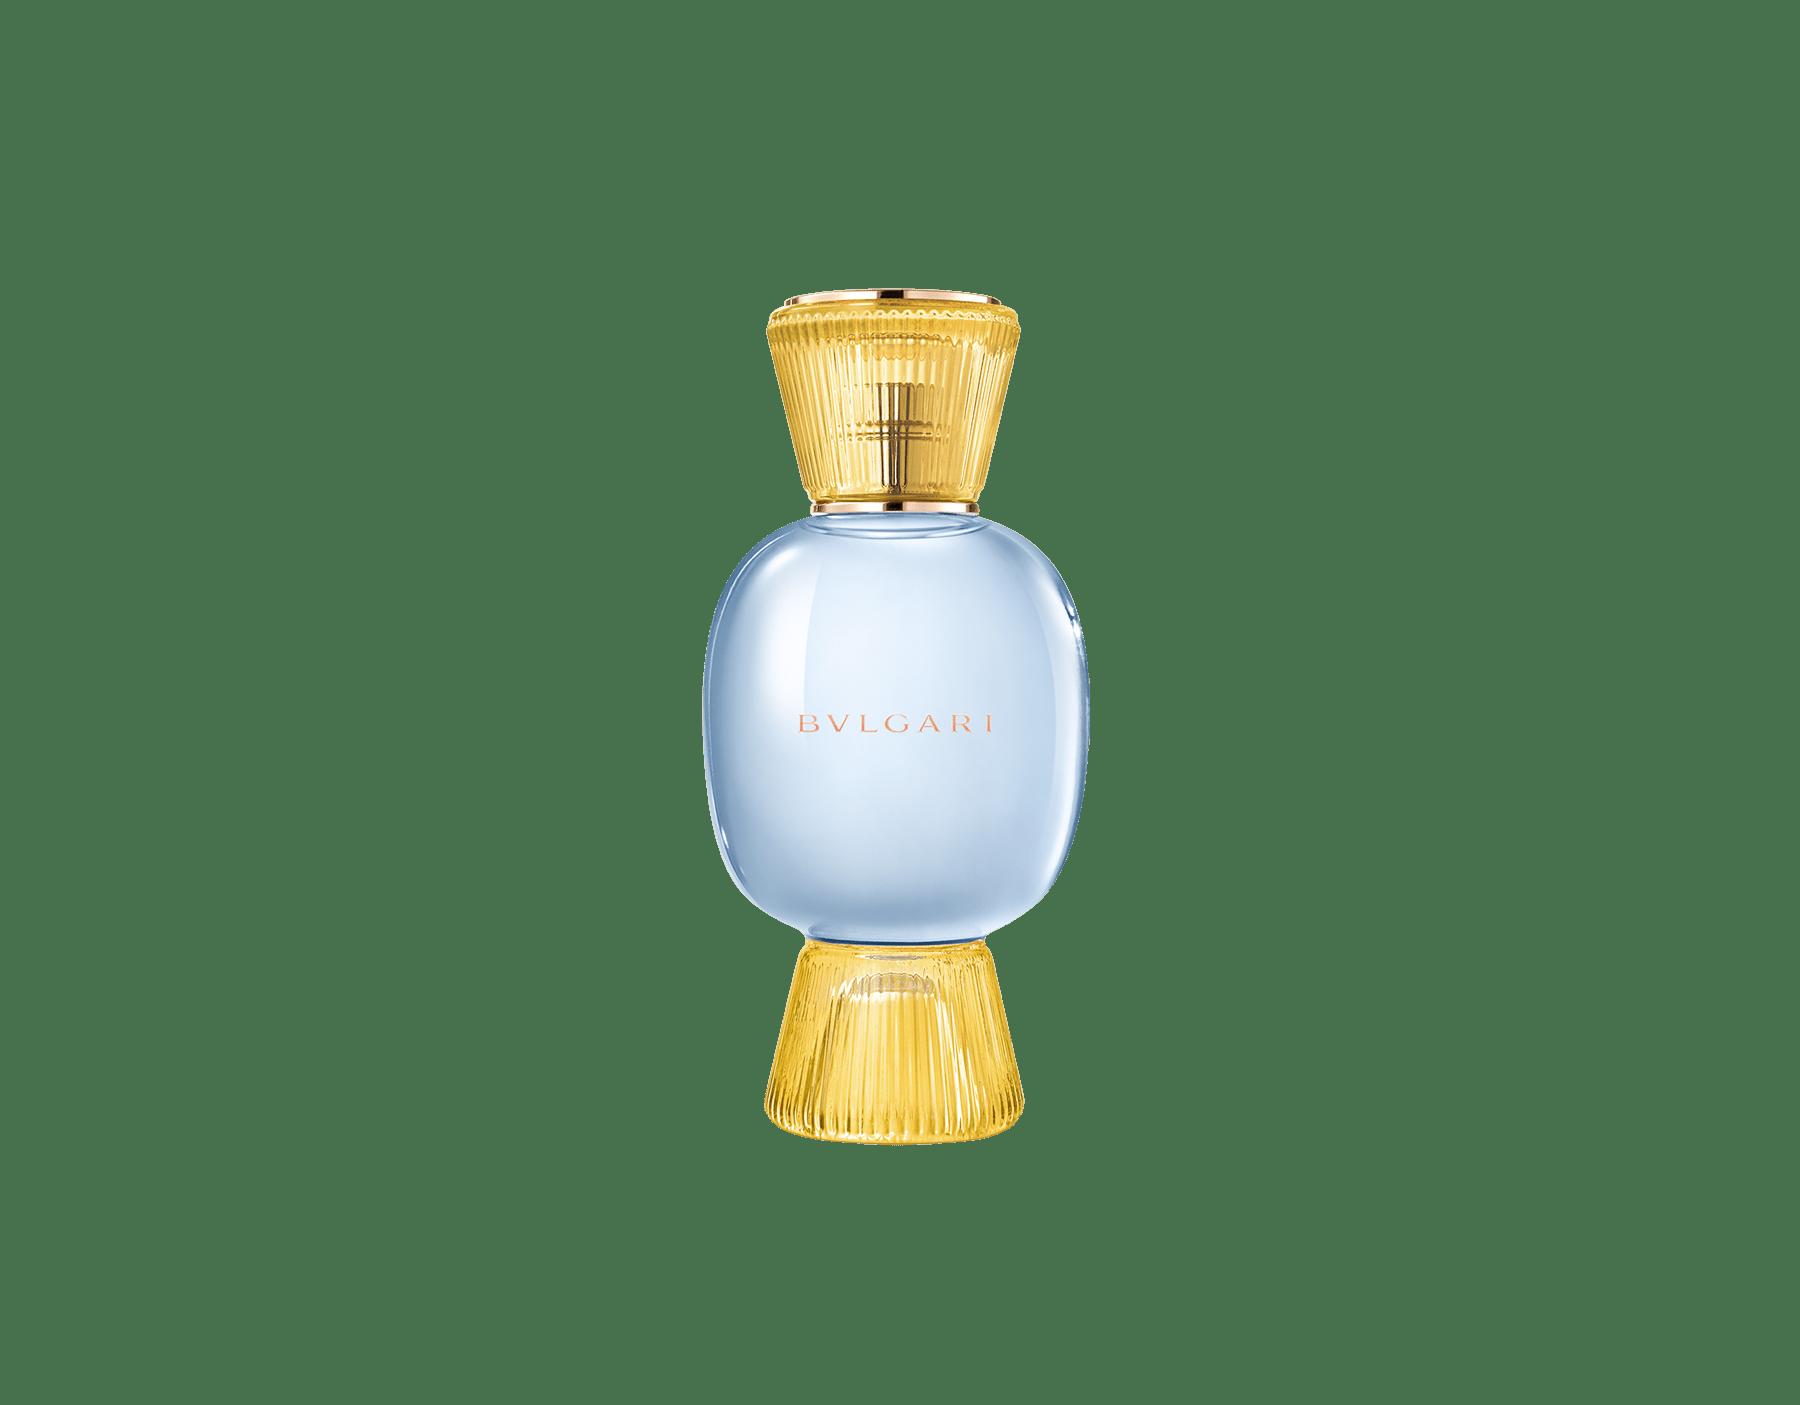 Un coffret de parfums exclusif, aussi unique et audacieux que vous. Pétillante et riche en agrumes, l'Eau de Parfum Allegra Riva Solare se mêle à la chaleur de l'essence du Magnifying Musk pour donner vie à une irrésistible fragrance personnalisée.  Perfume-Set-Riva-Solare-Eau-de-Parfum-and-Musk-Magnifying image 2